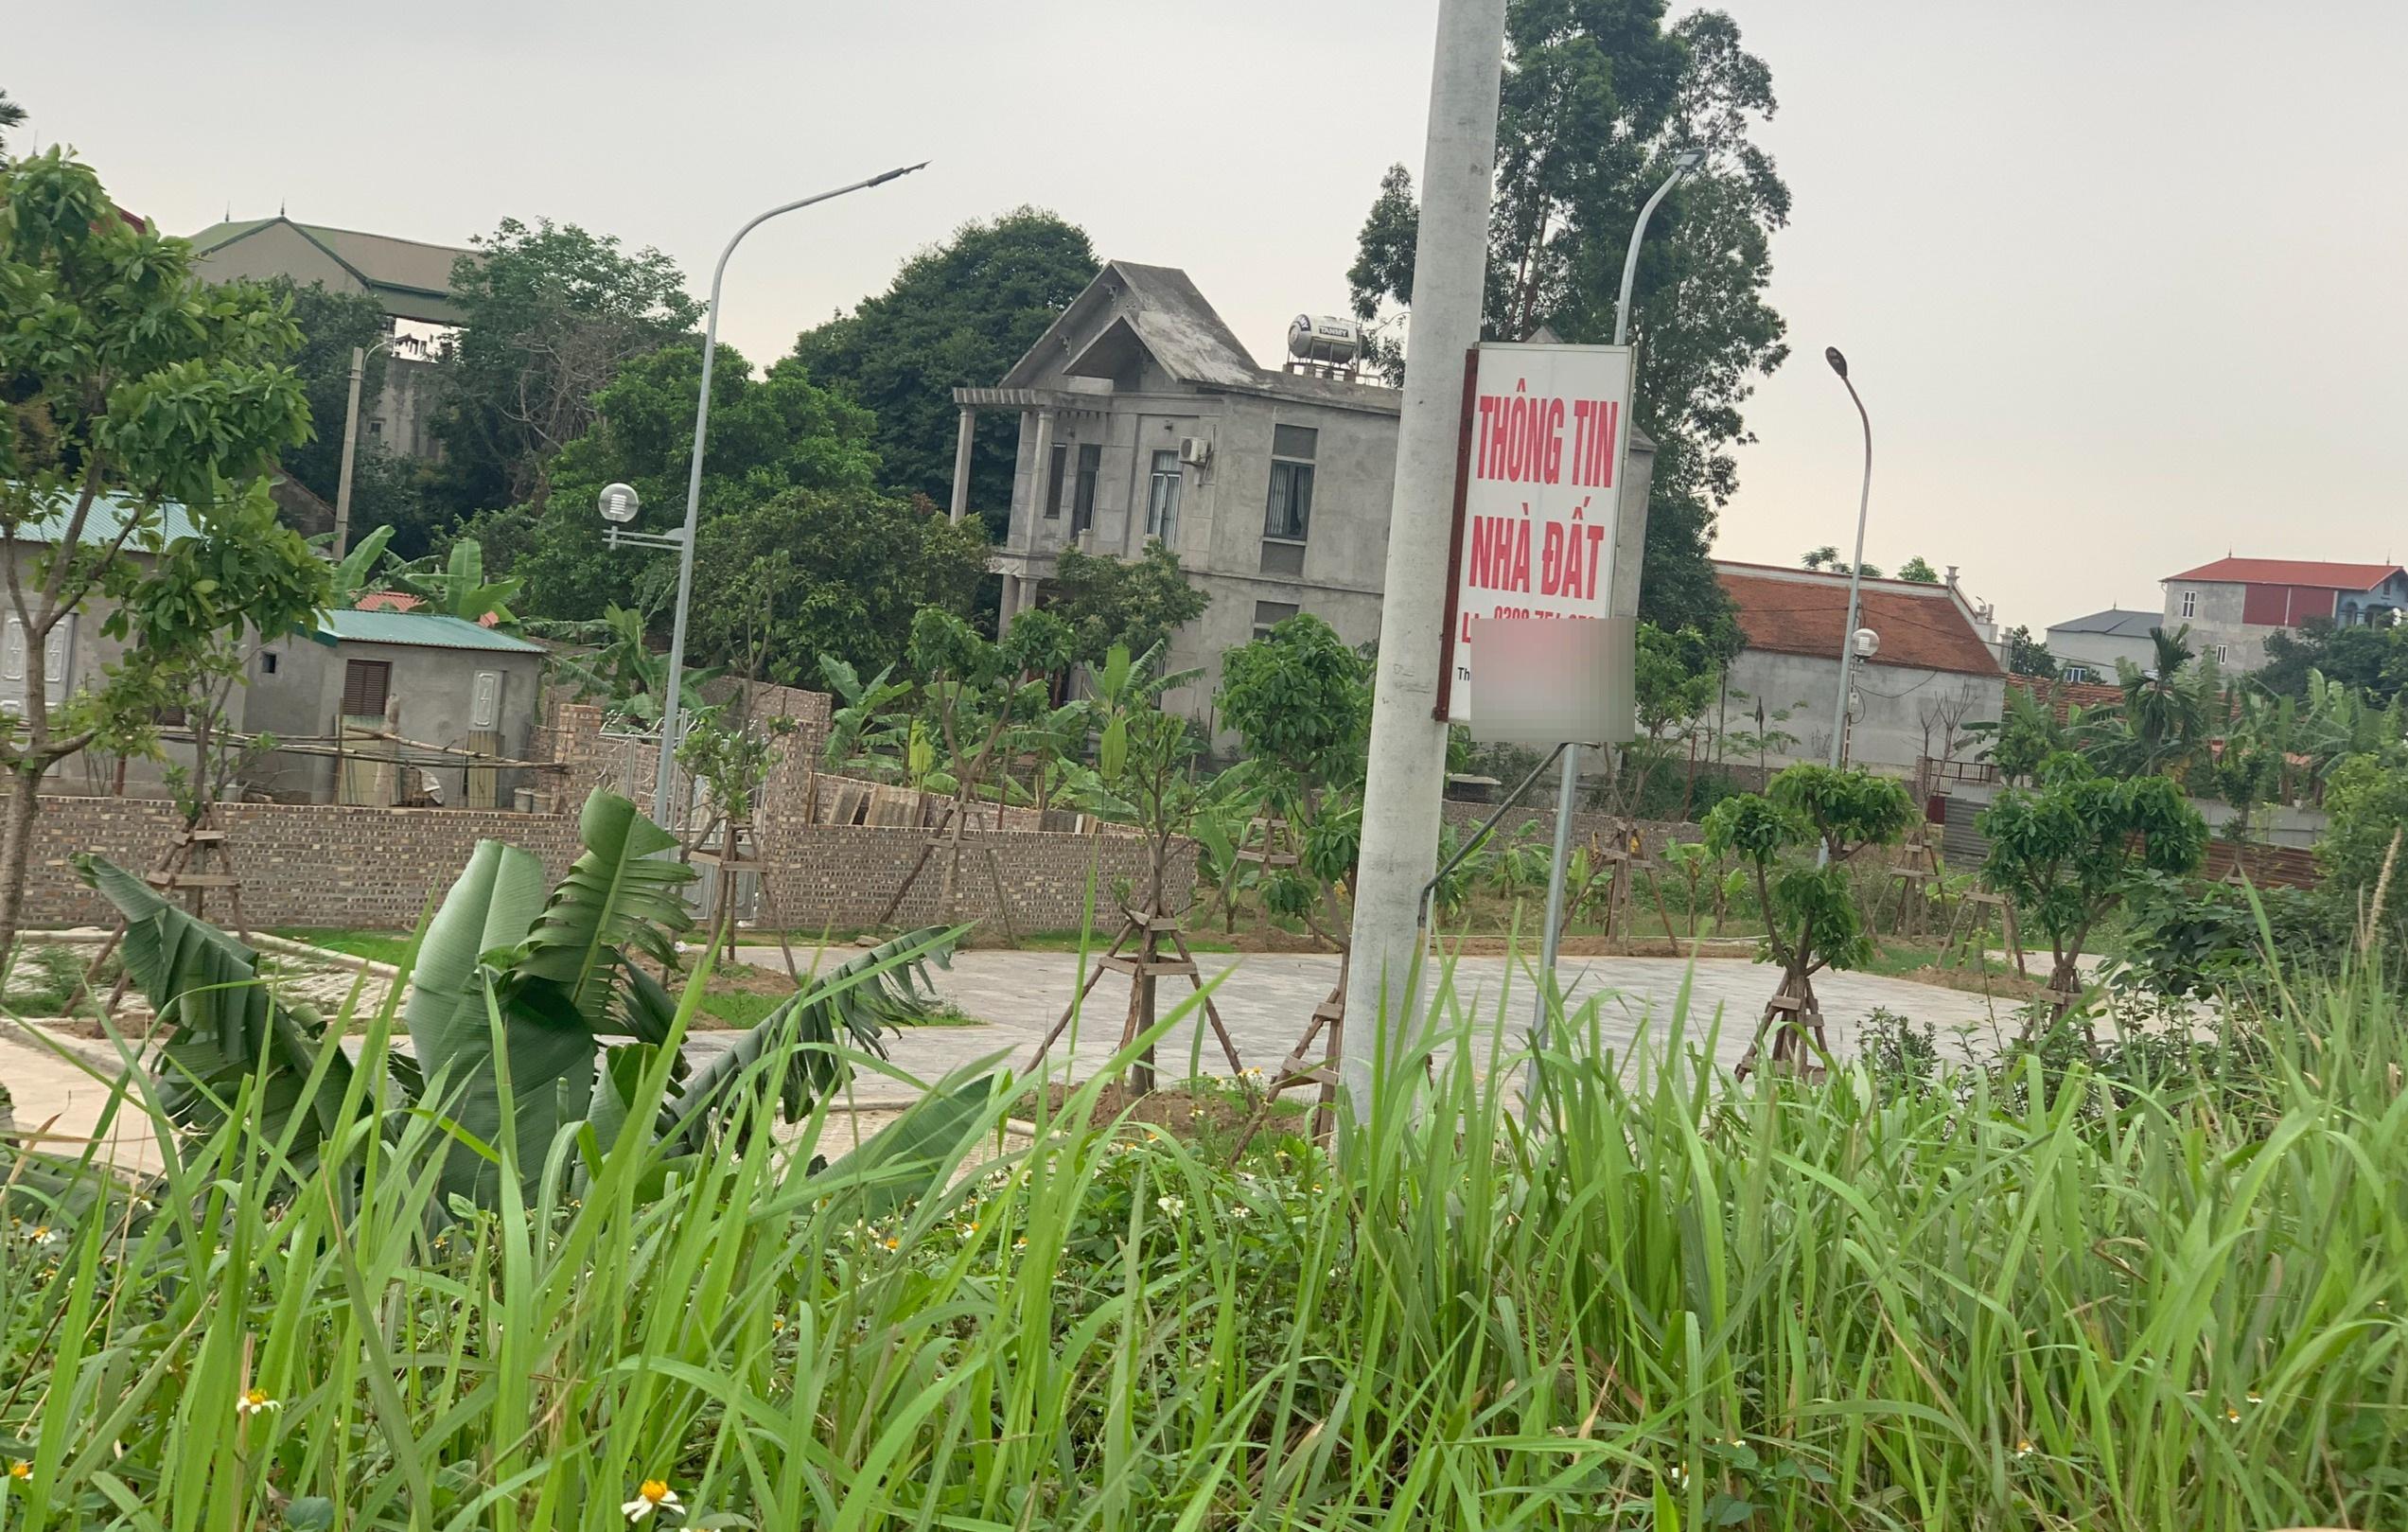 Nhao nhao lao vào đất: Có lo ngại về rủi ro tín dụng bất động sản?